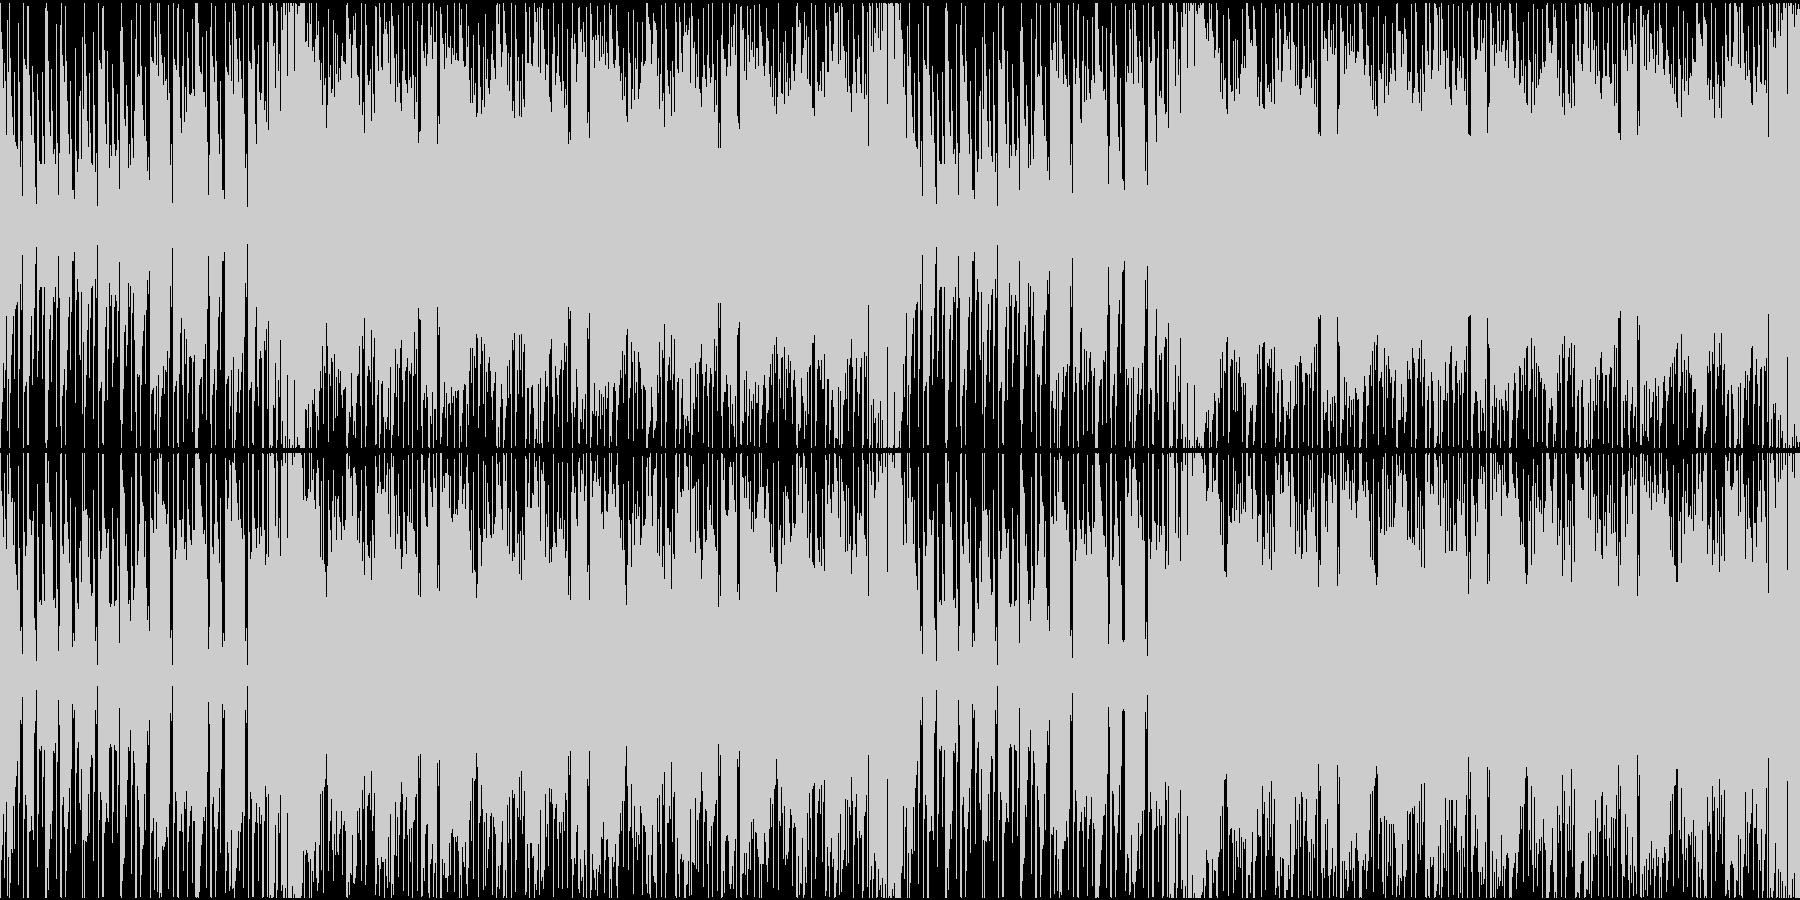 緊張感のあるギター系インストの未再生の波形